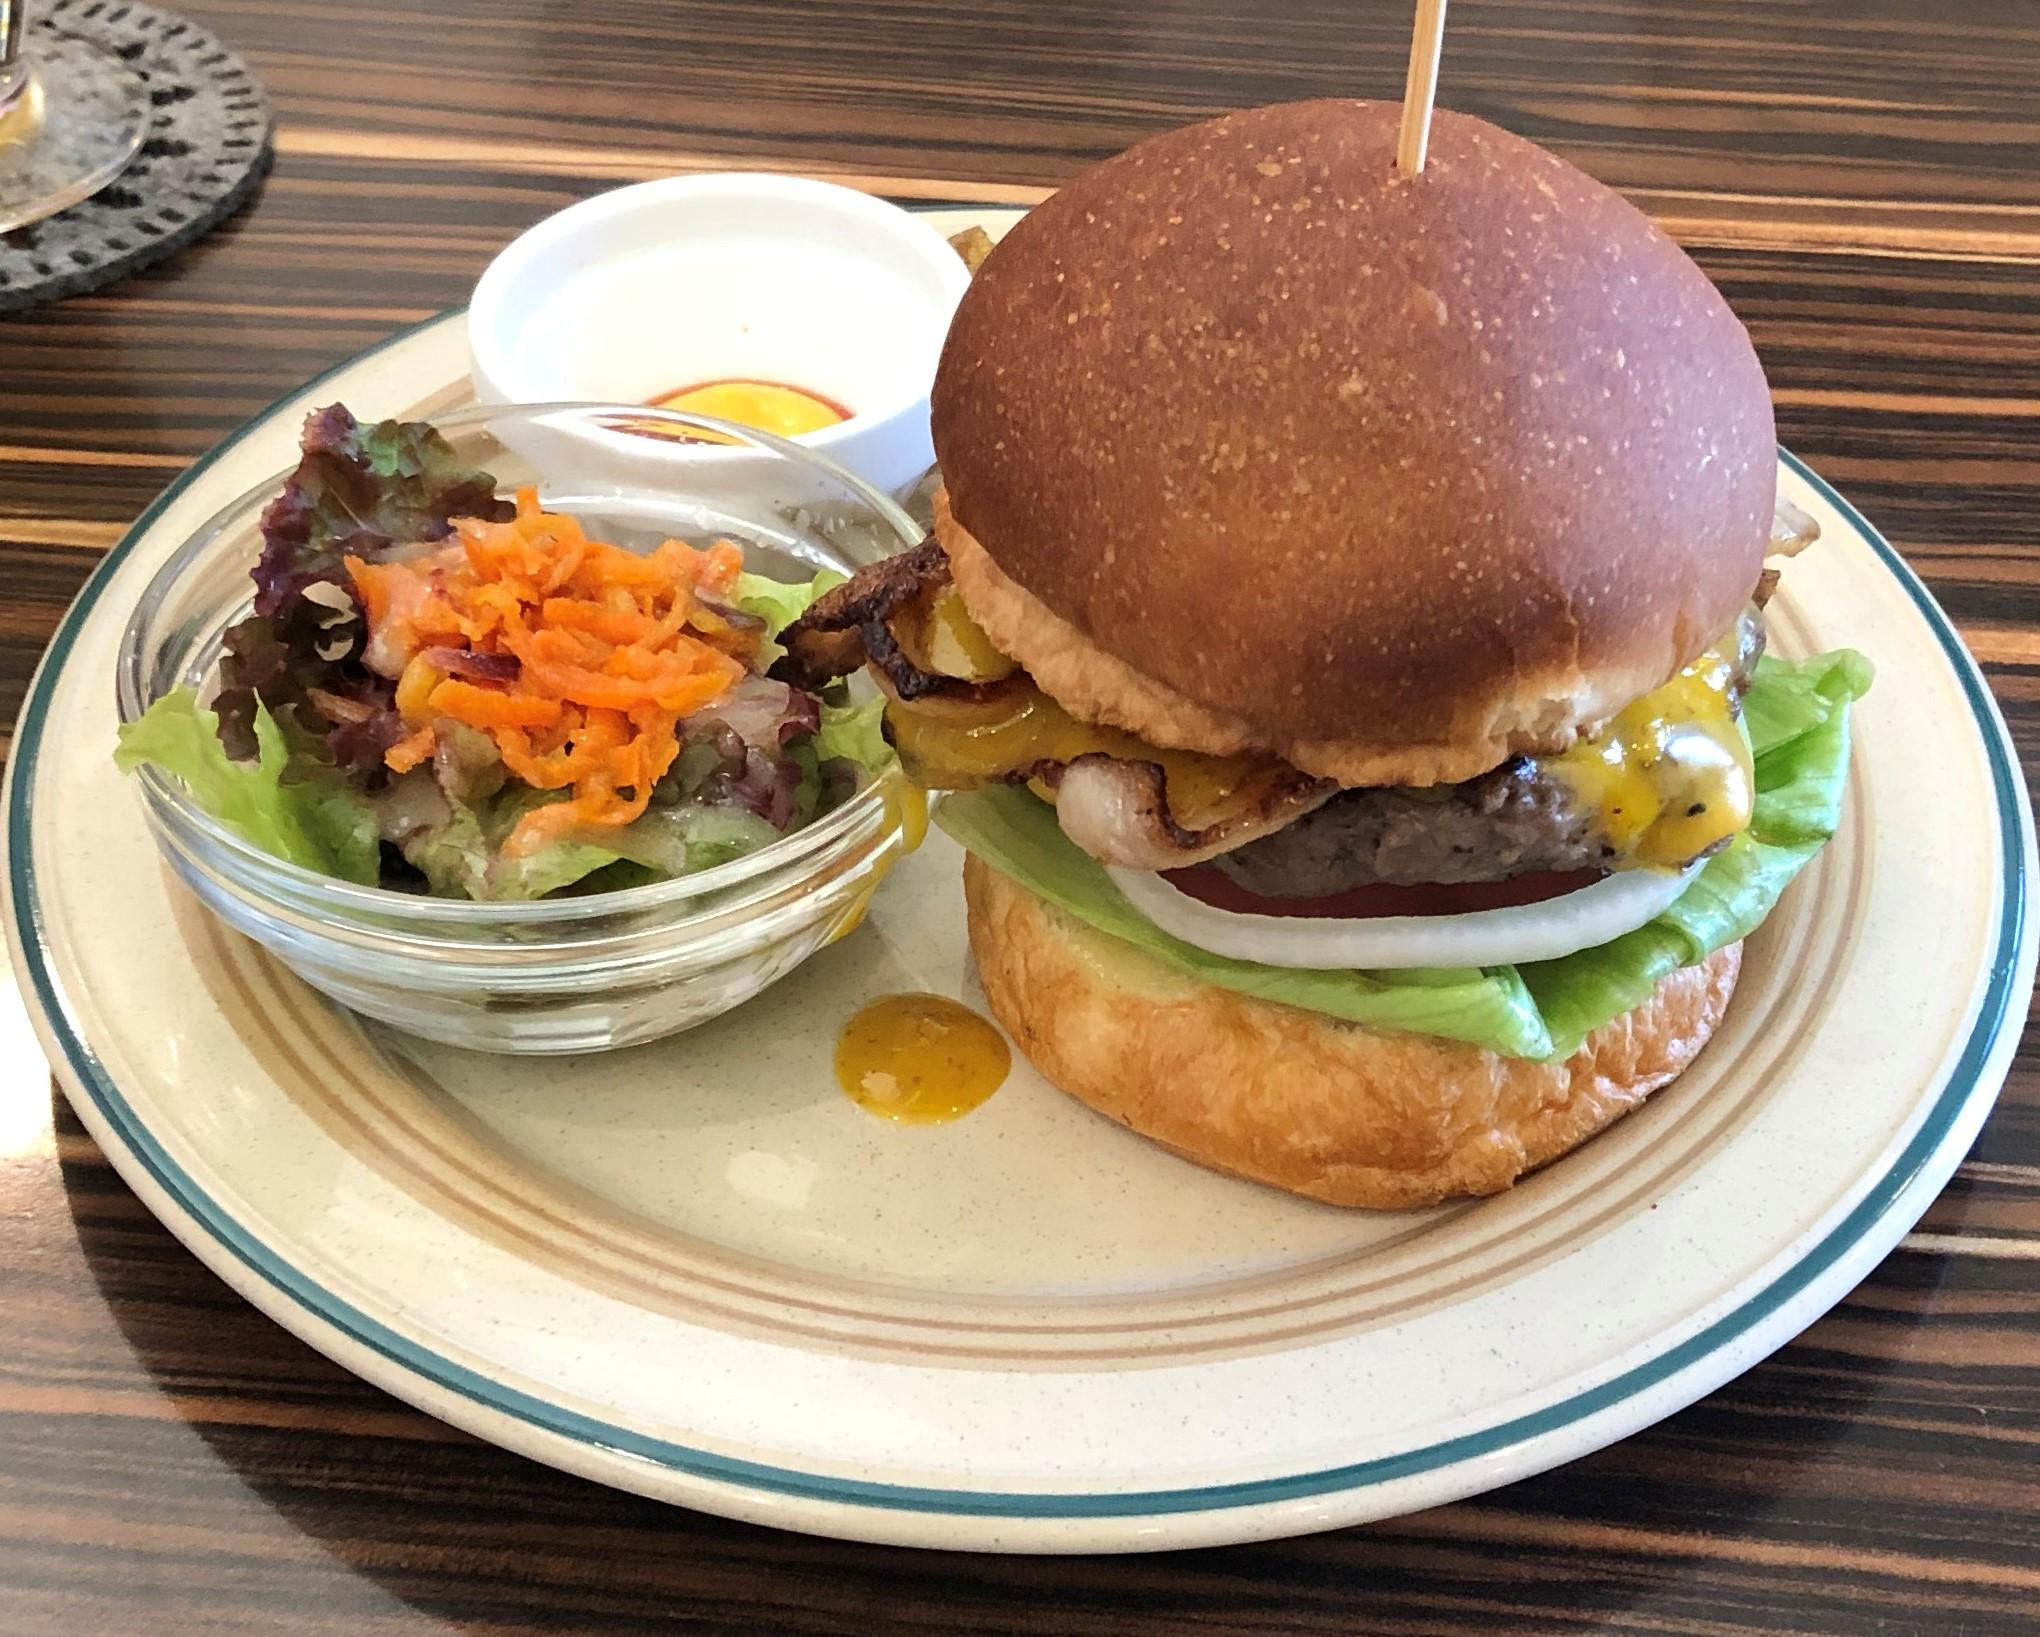 【横浜店ストアイベント】自転車×美味しい物=ハンバーガーライド